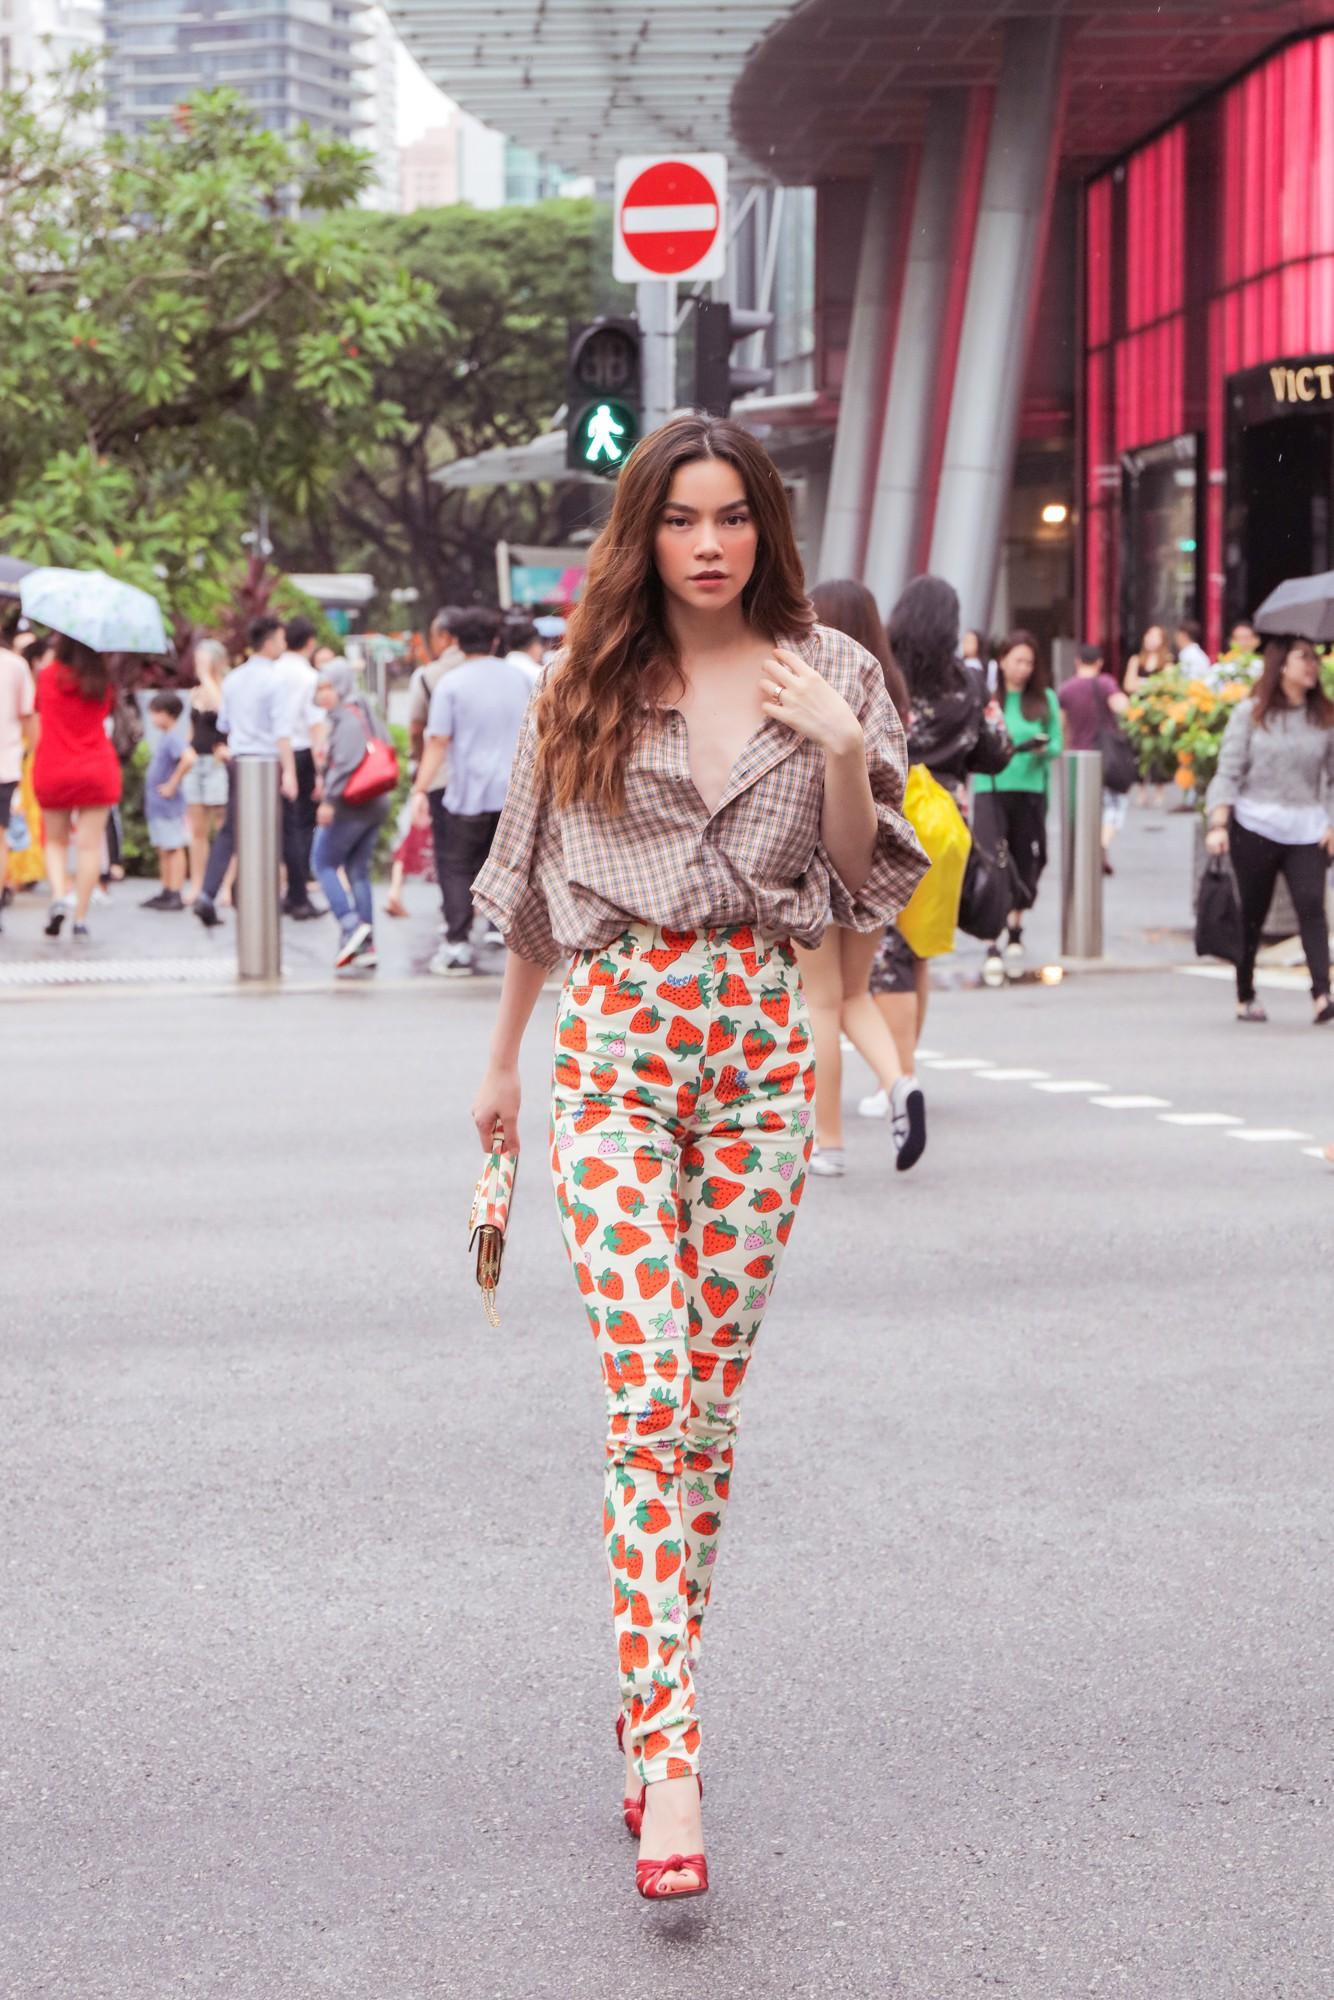 Hồ Ngọc Hà gây chú ý trên đường phố Singapore nhờ street style nổi bật   - Ảnh 2.